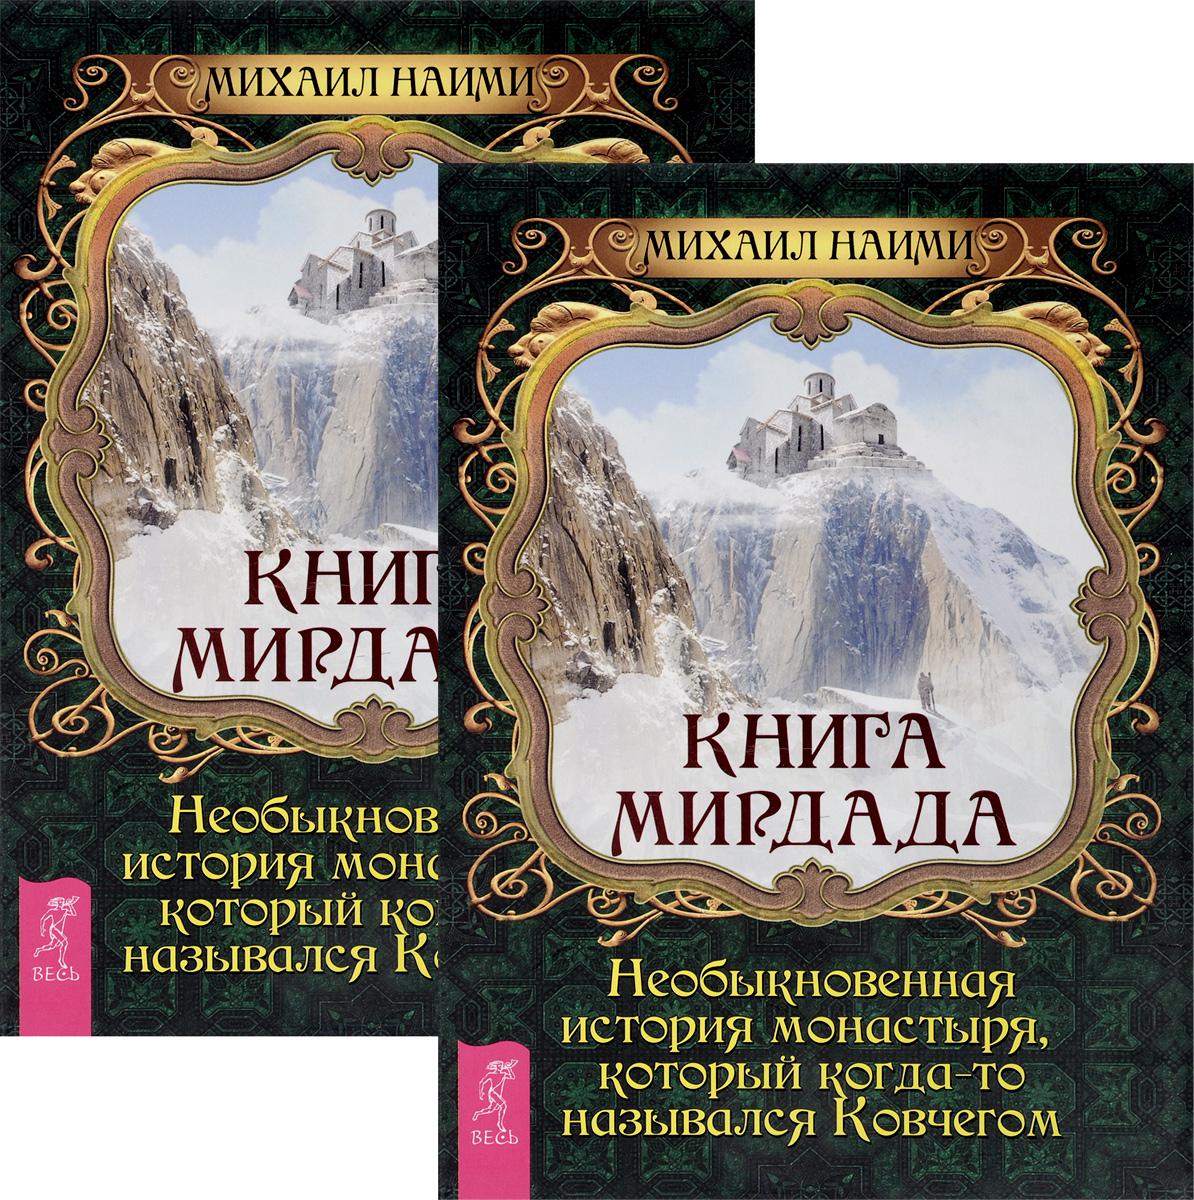 Михаил Наими Книга Мирдада. Необыкновенная история монастыря, который когда-то назывался Ковчегом (комплект из 2 книг)